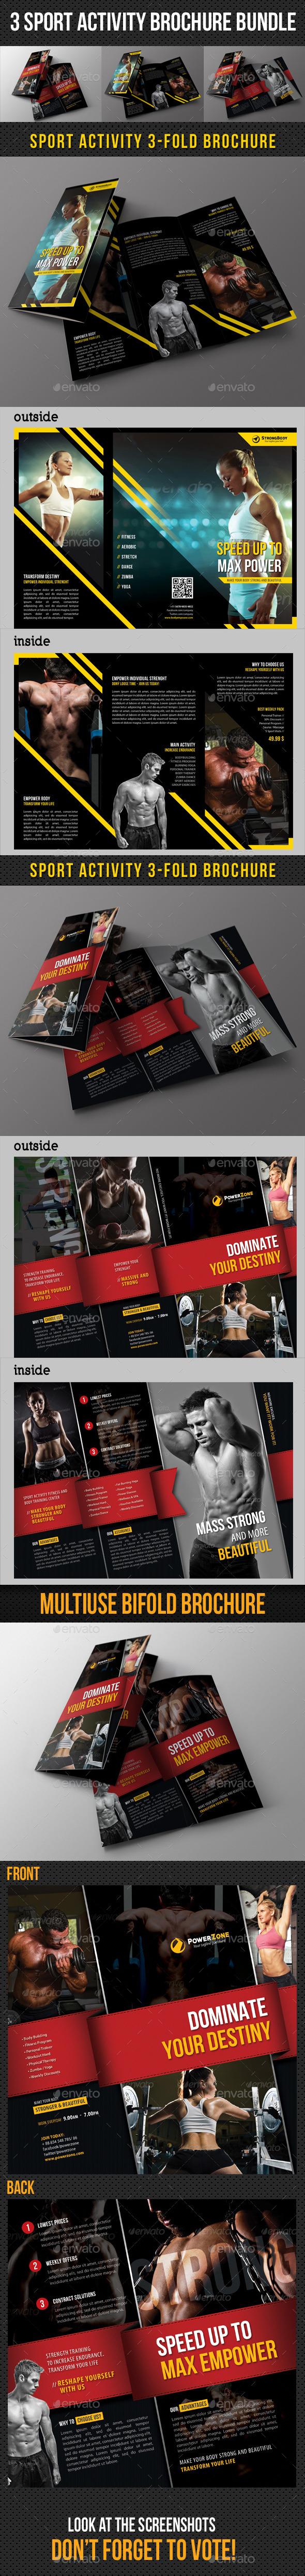 3 in 1 Sport Activity Brochure Bundle - Corporate Brochures